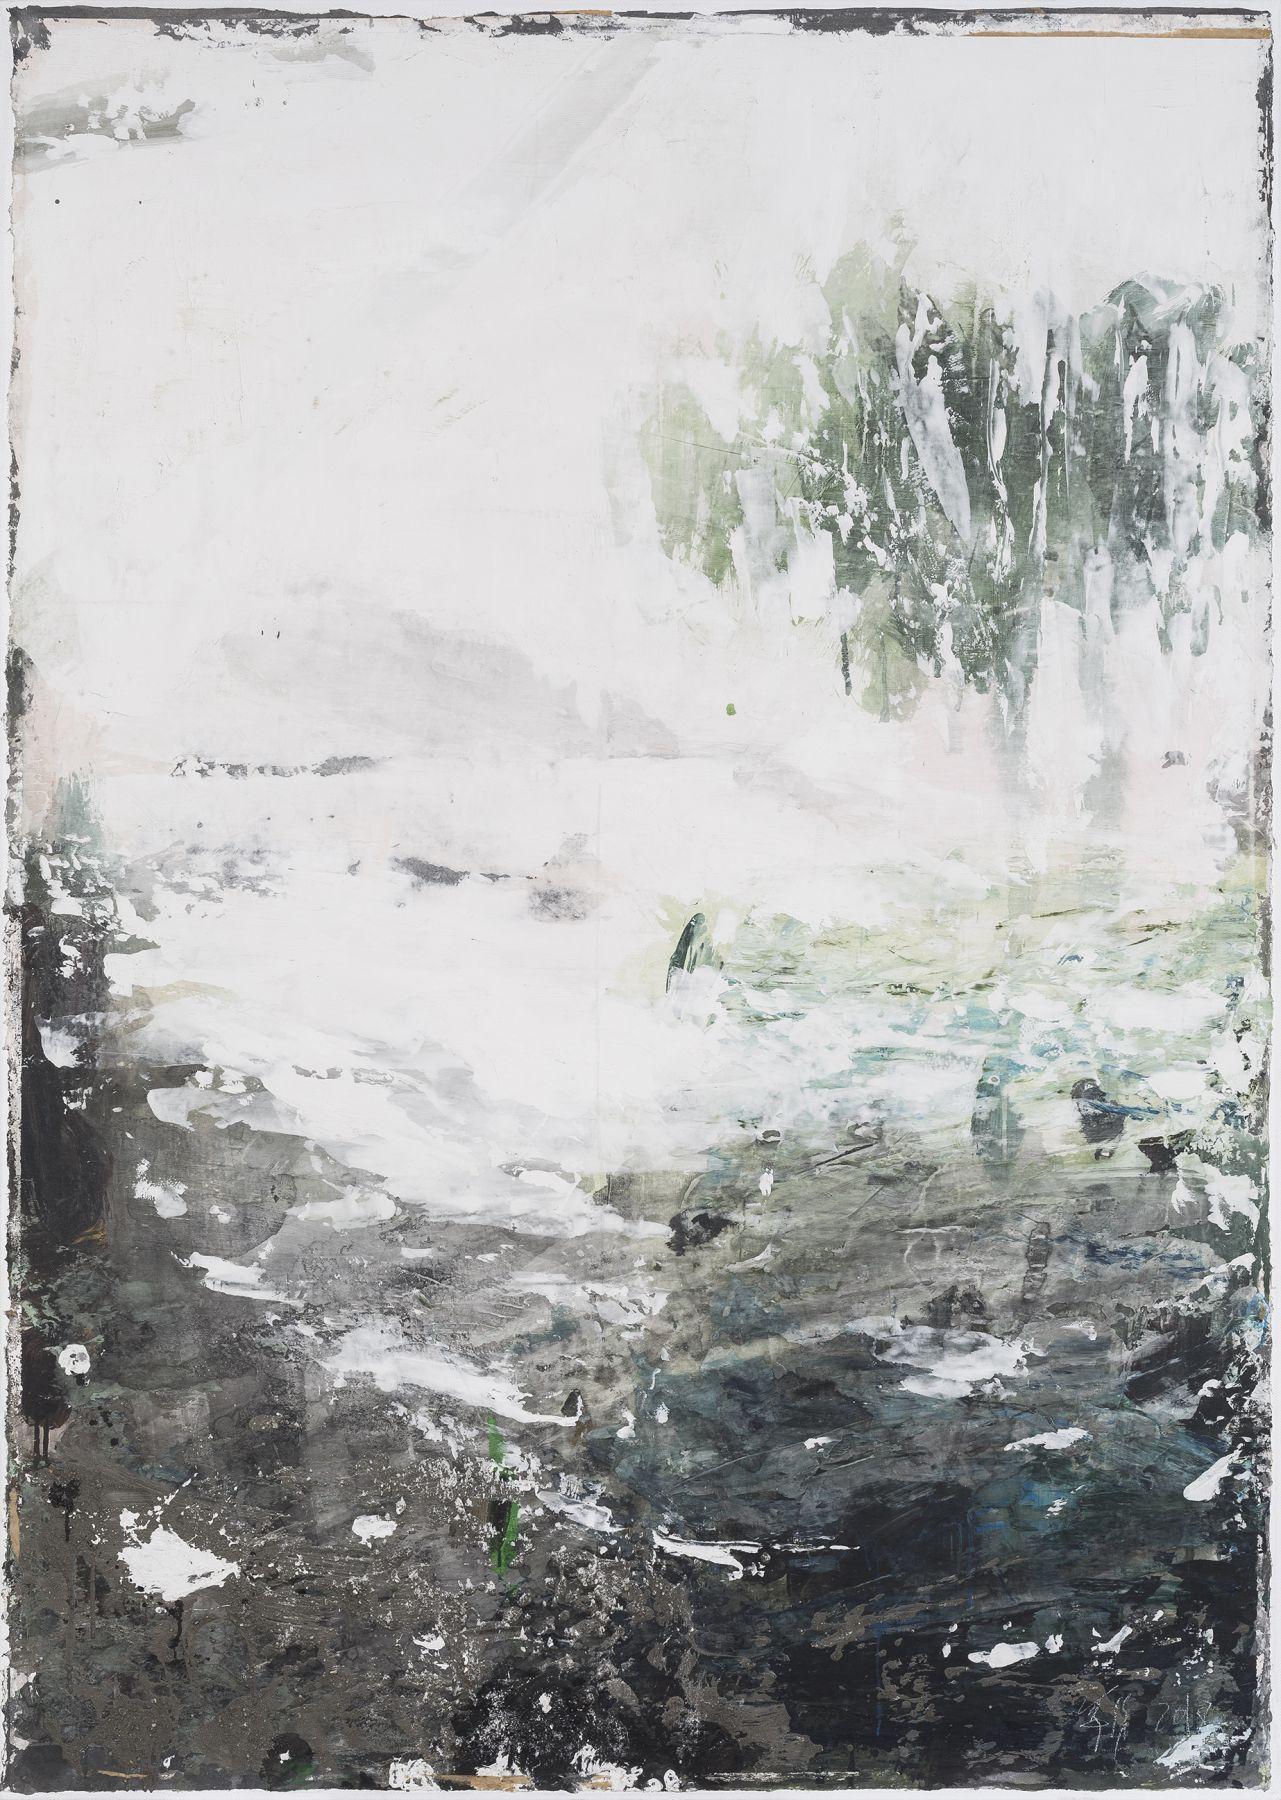 Yan Shanchun 严善錞 (b. 1957)